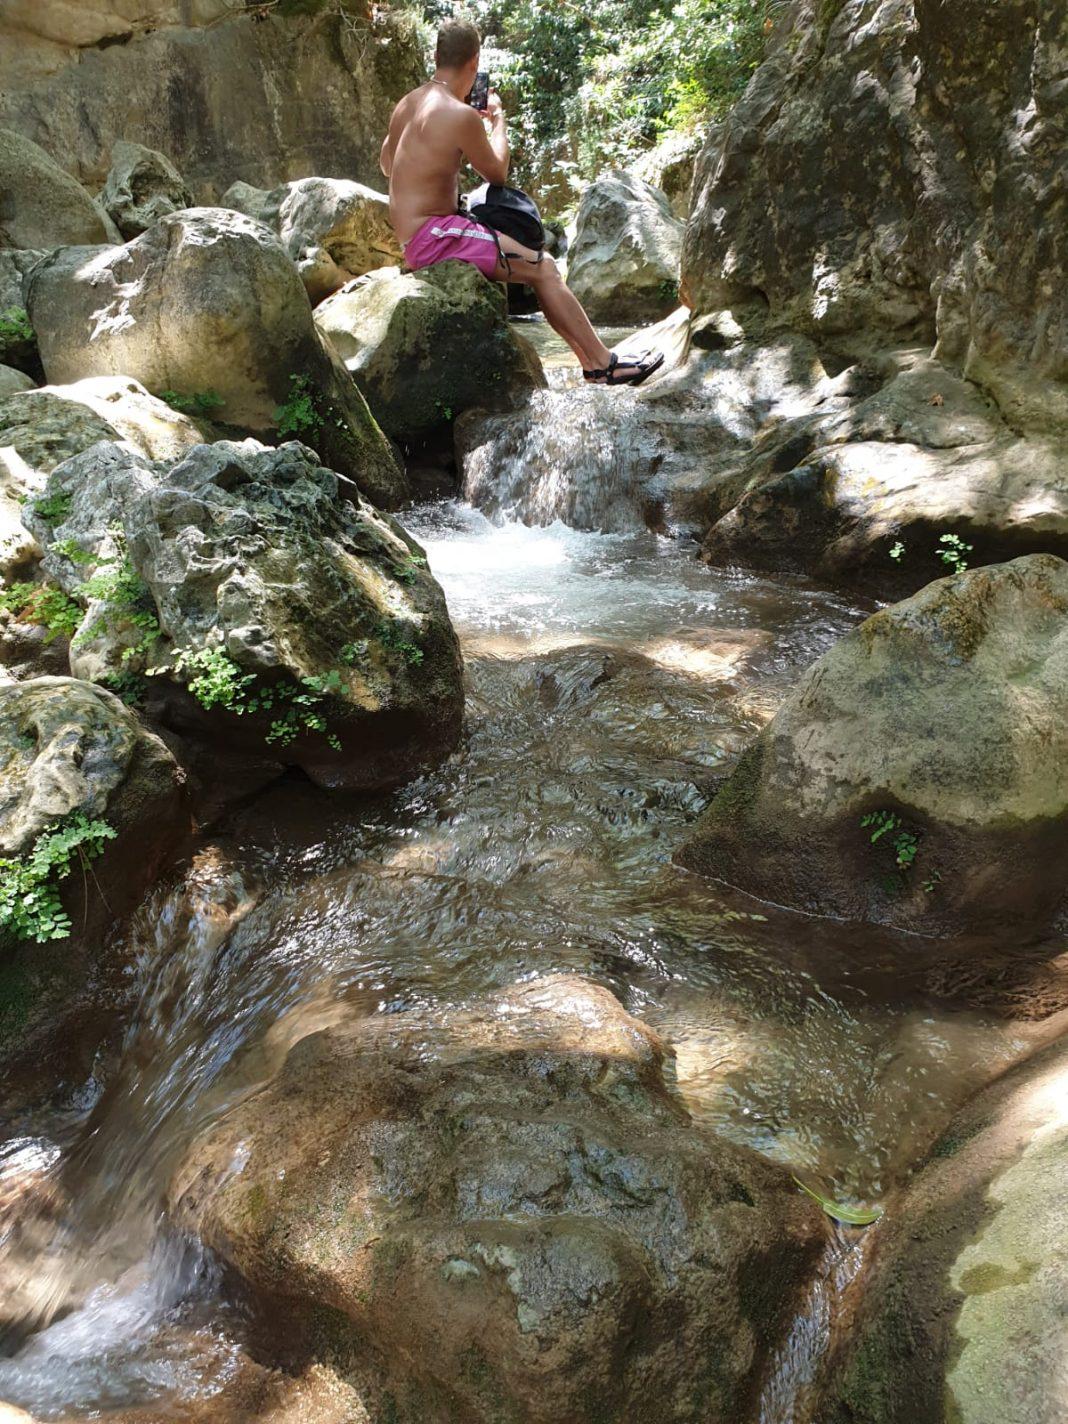 Wandeling naar de Potami Waterfalls - wat te doen op het Griekse eiland Samos